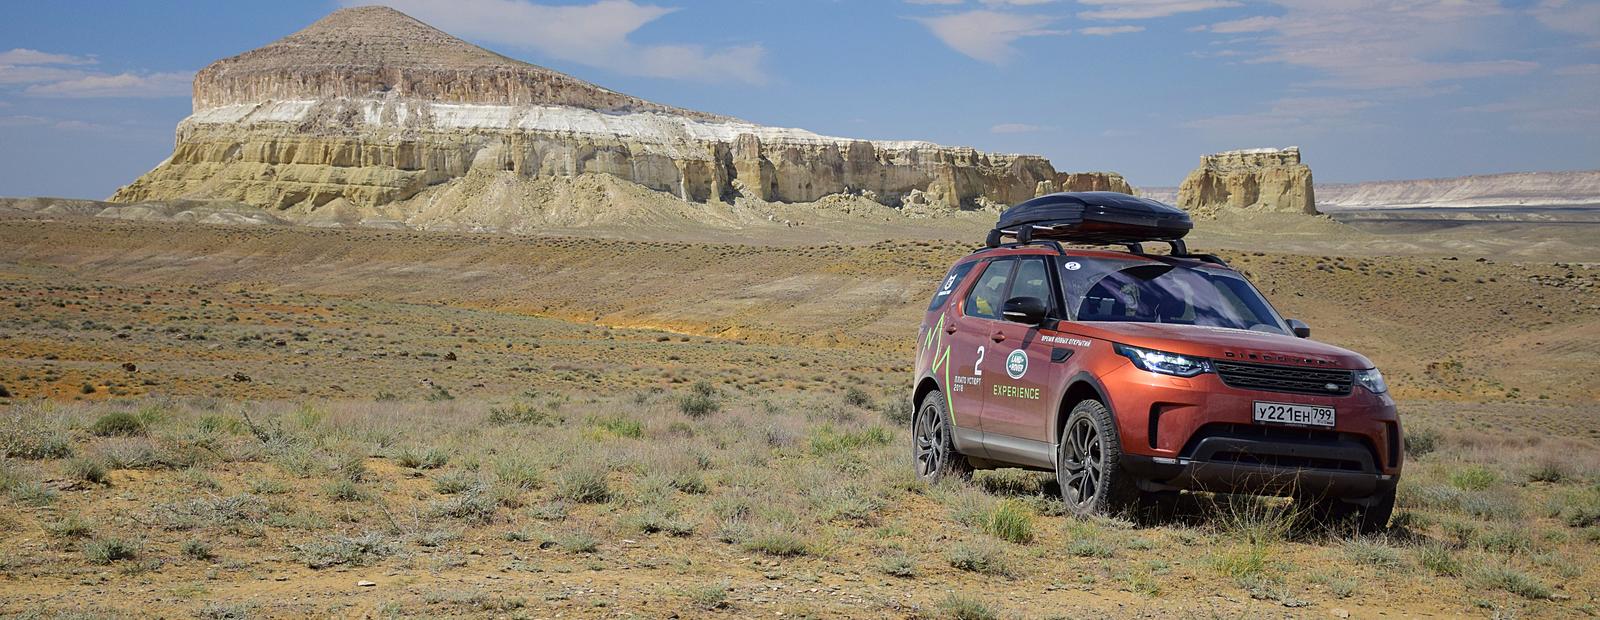 755 - Близкий космос: на новом Land Rover Discovery – по плато Устюрт